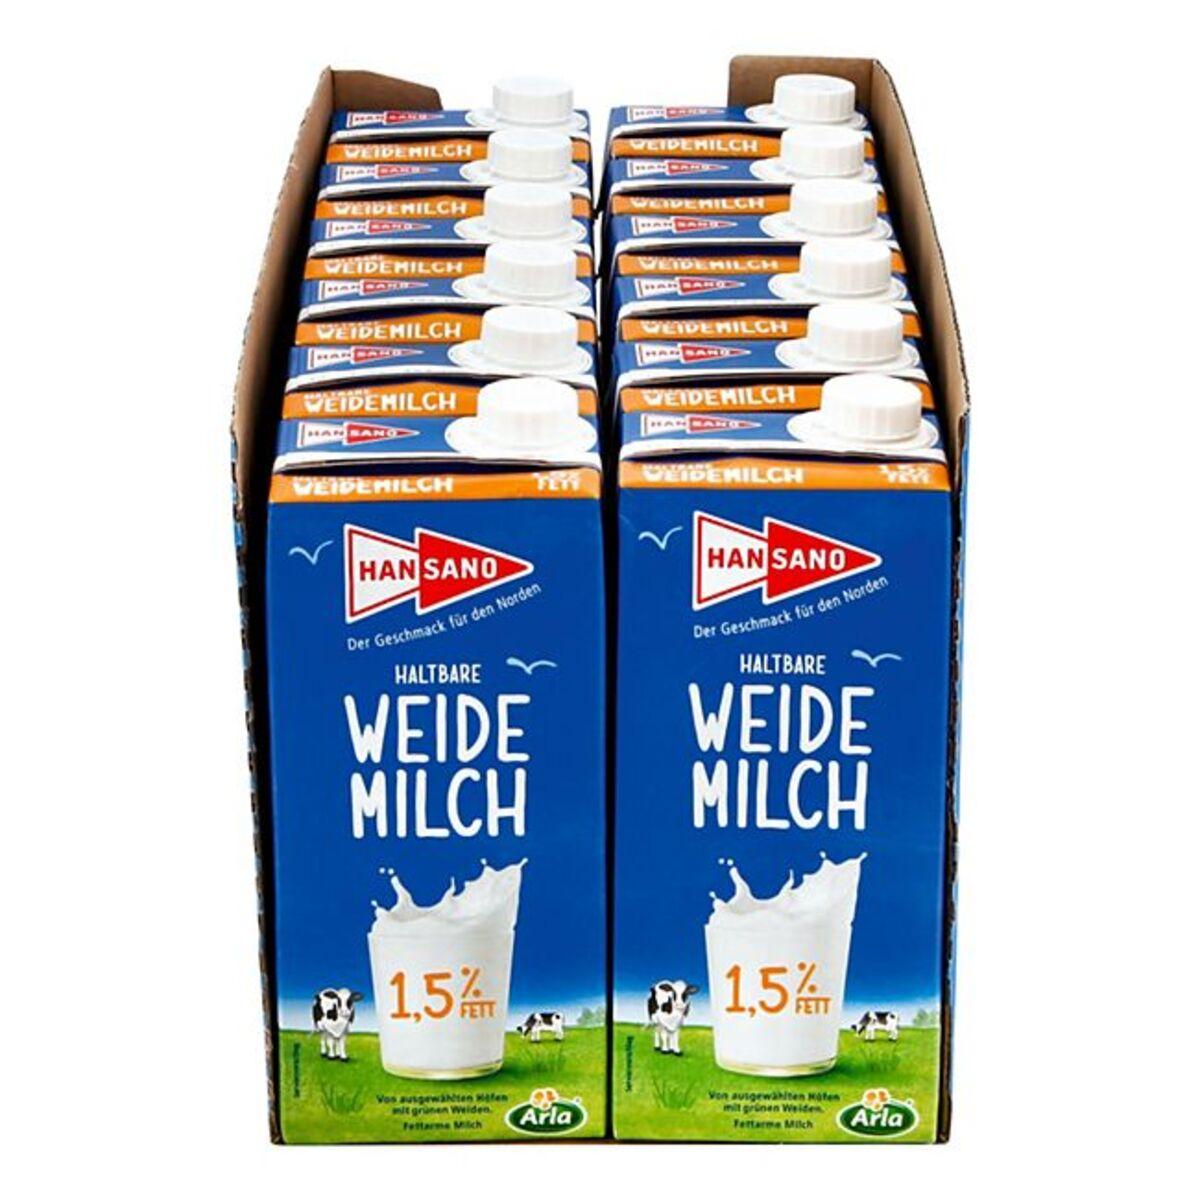 Bild 1 von Hansano haltbare Weidemilch 1,5% 1 Liter, 12er Pack